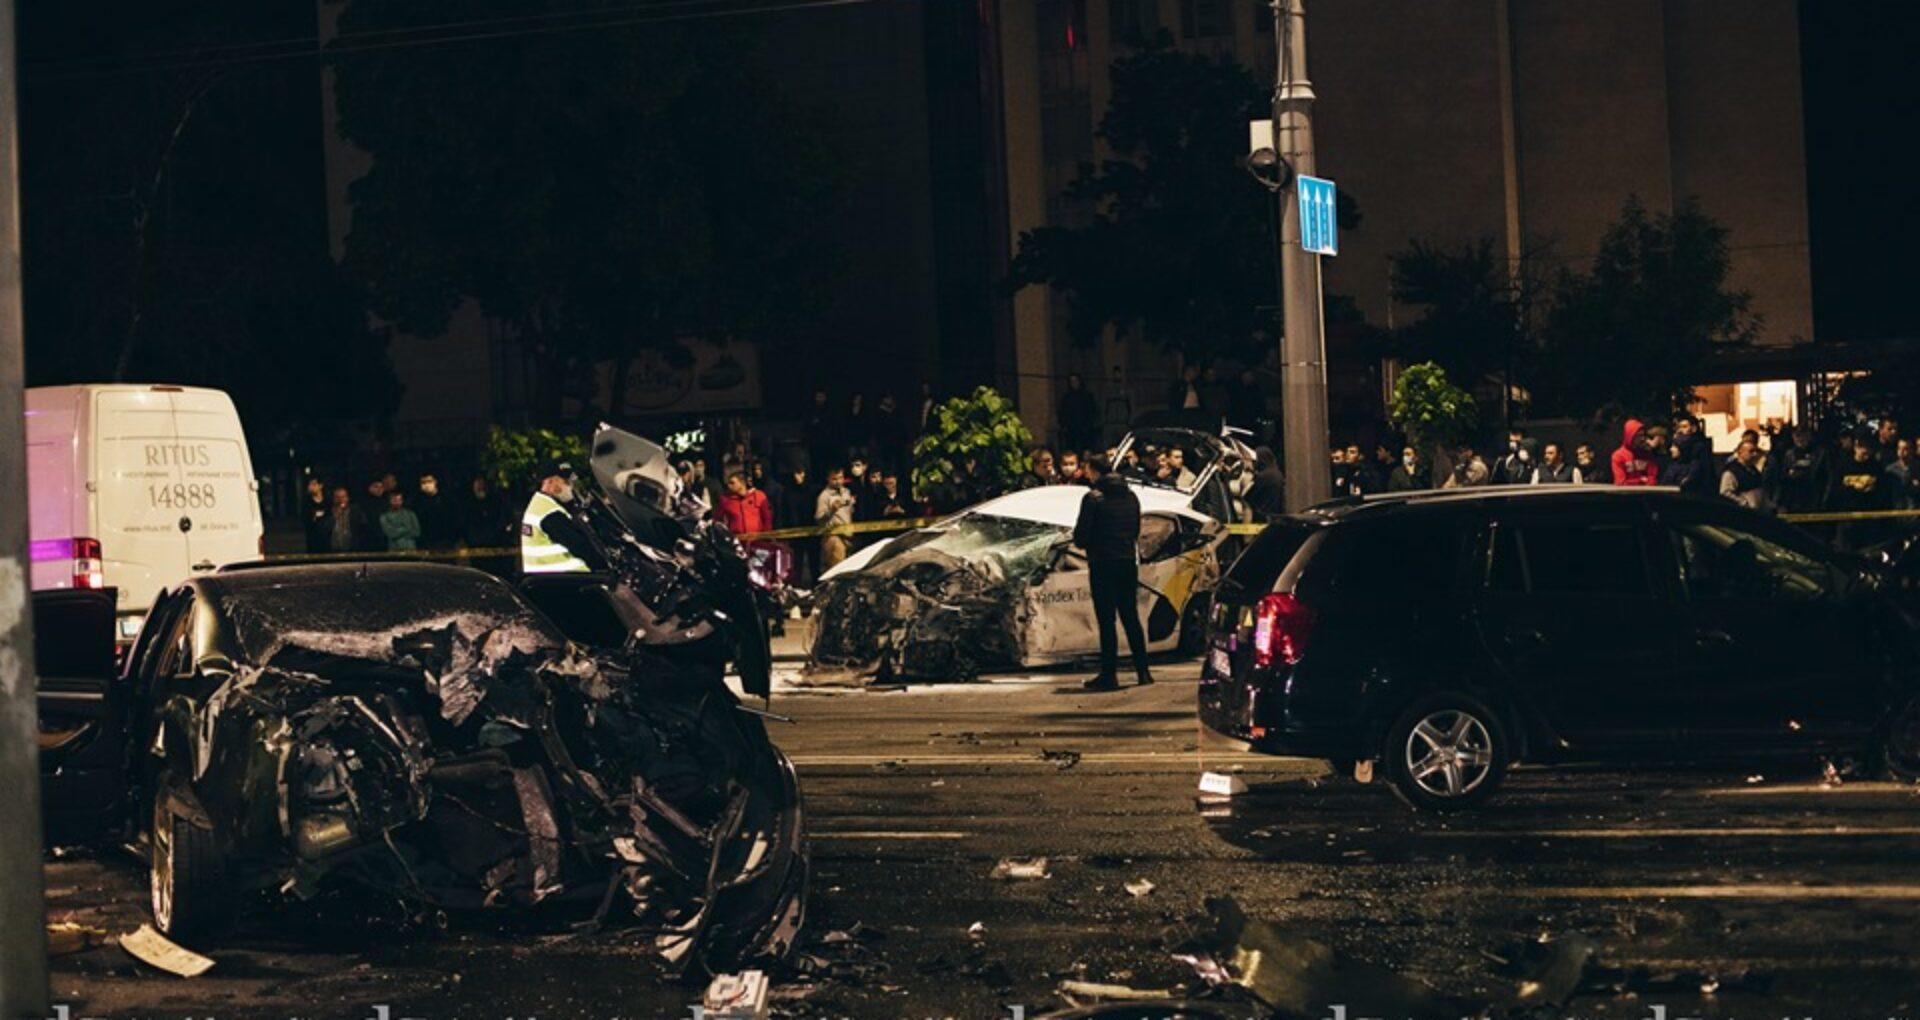 Video/ Cum s-a produs accidentul de pe bd. Ștefan cel Mare în care au fost implicate 4 mașini, două persoane și-au pierdut viața, iar altele patru au ajuns la spital. Momentul impactului